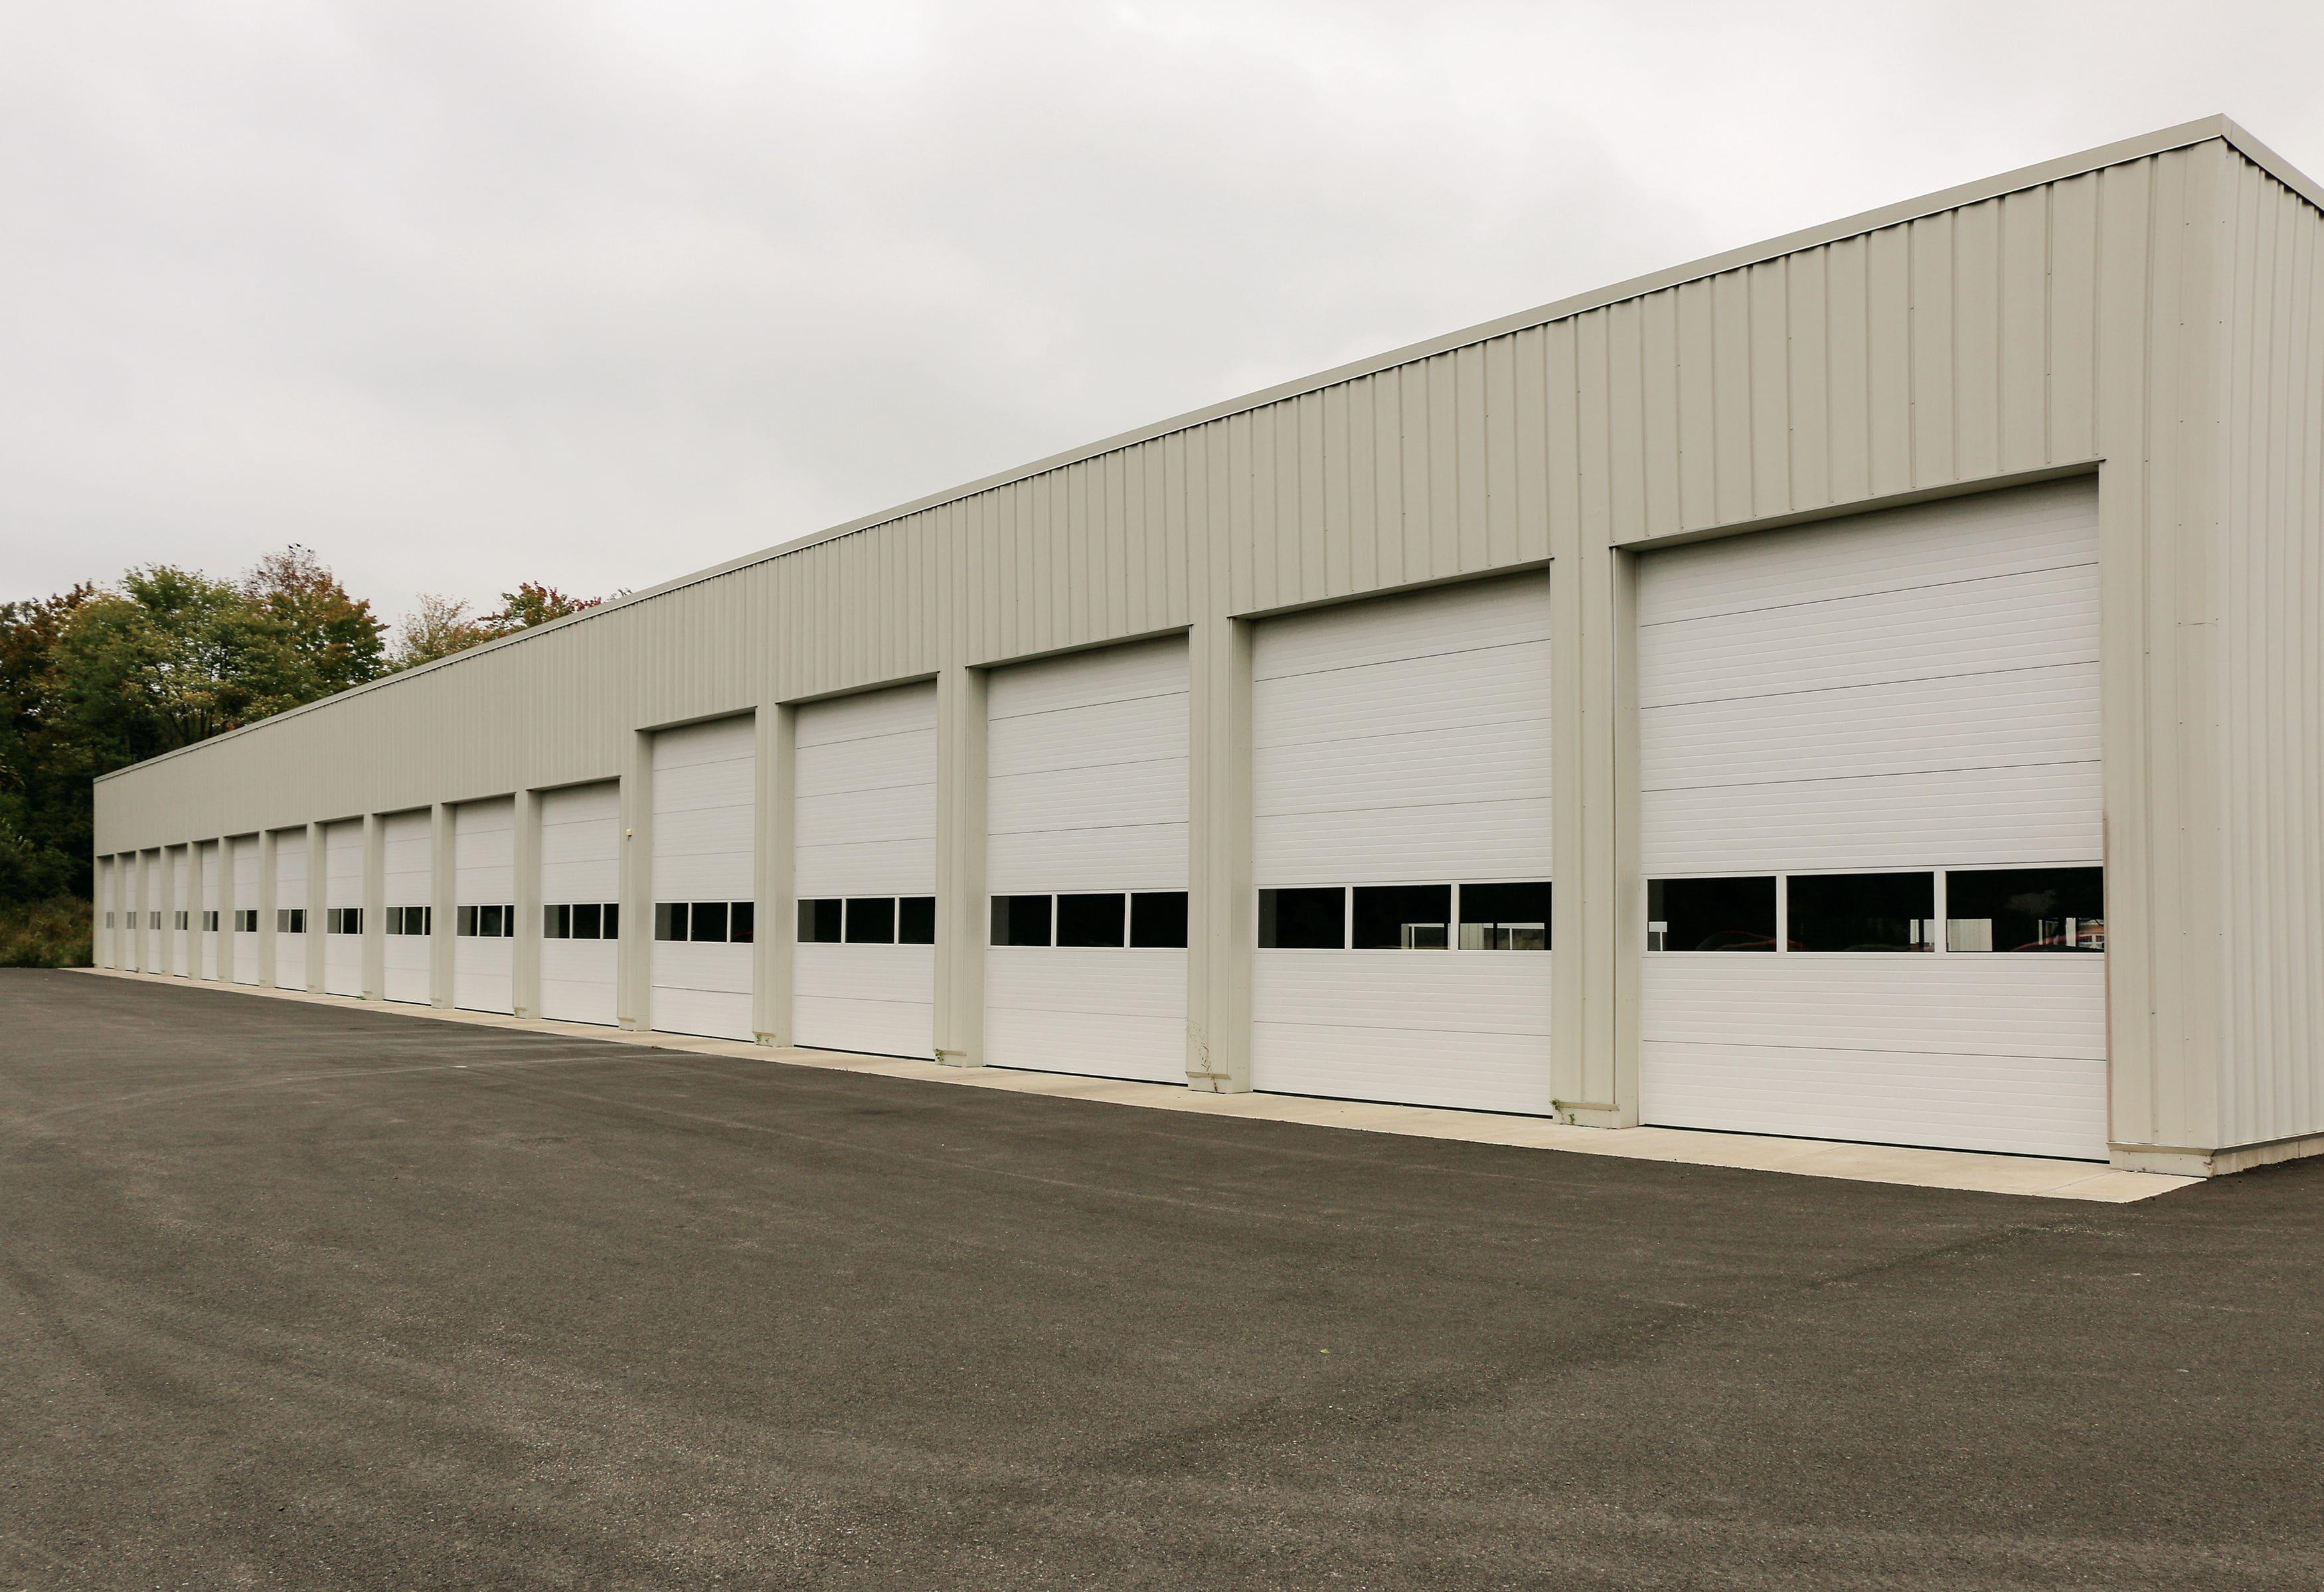 sectional-doors-warehouse-min.jpeg?mtime=20210419075337#asset:23370